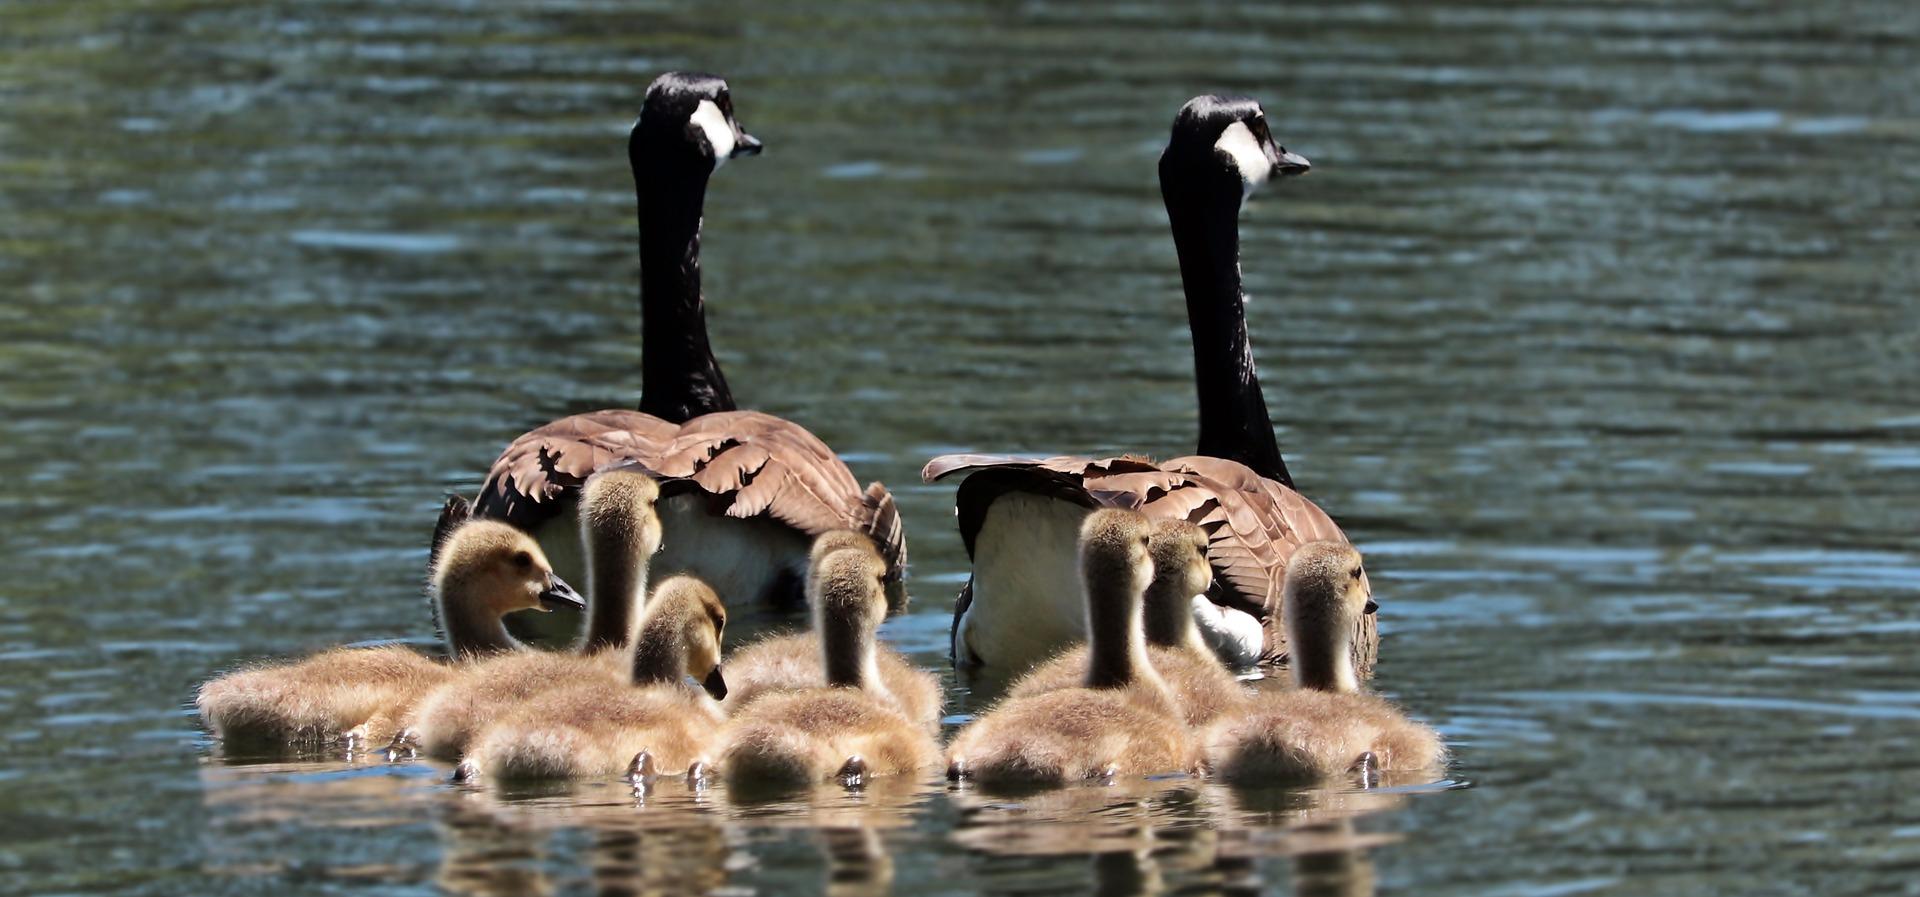 geese-2494952_1920.jpg